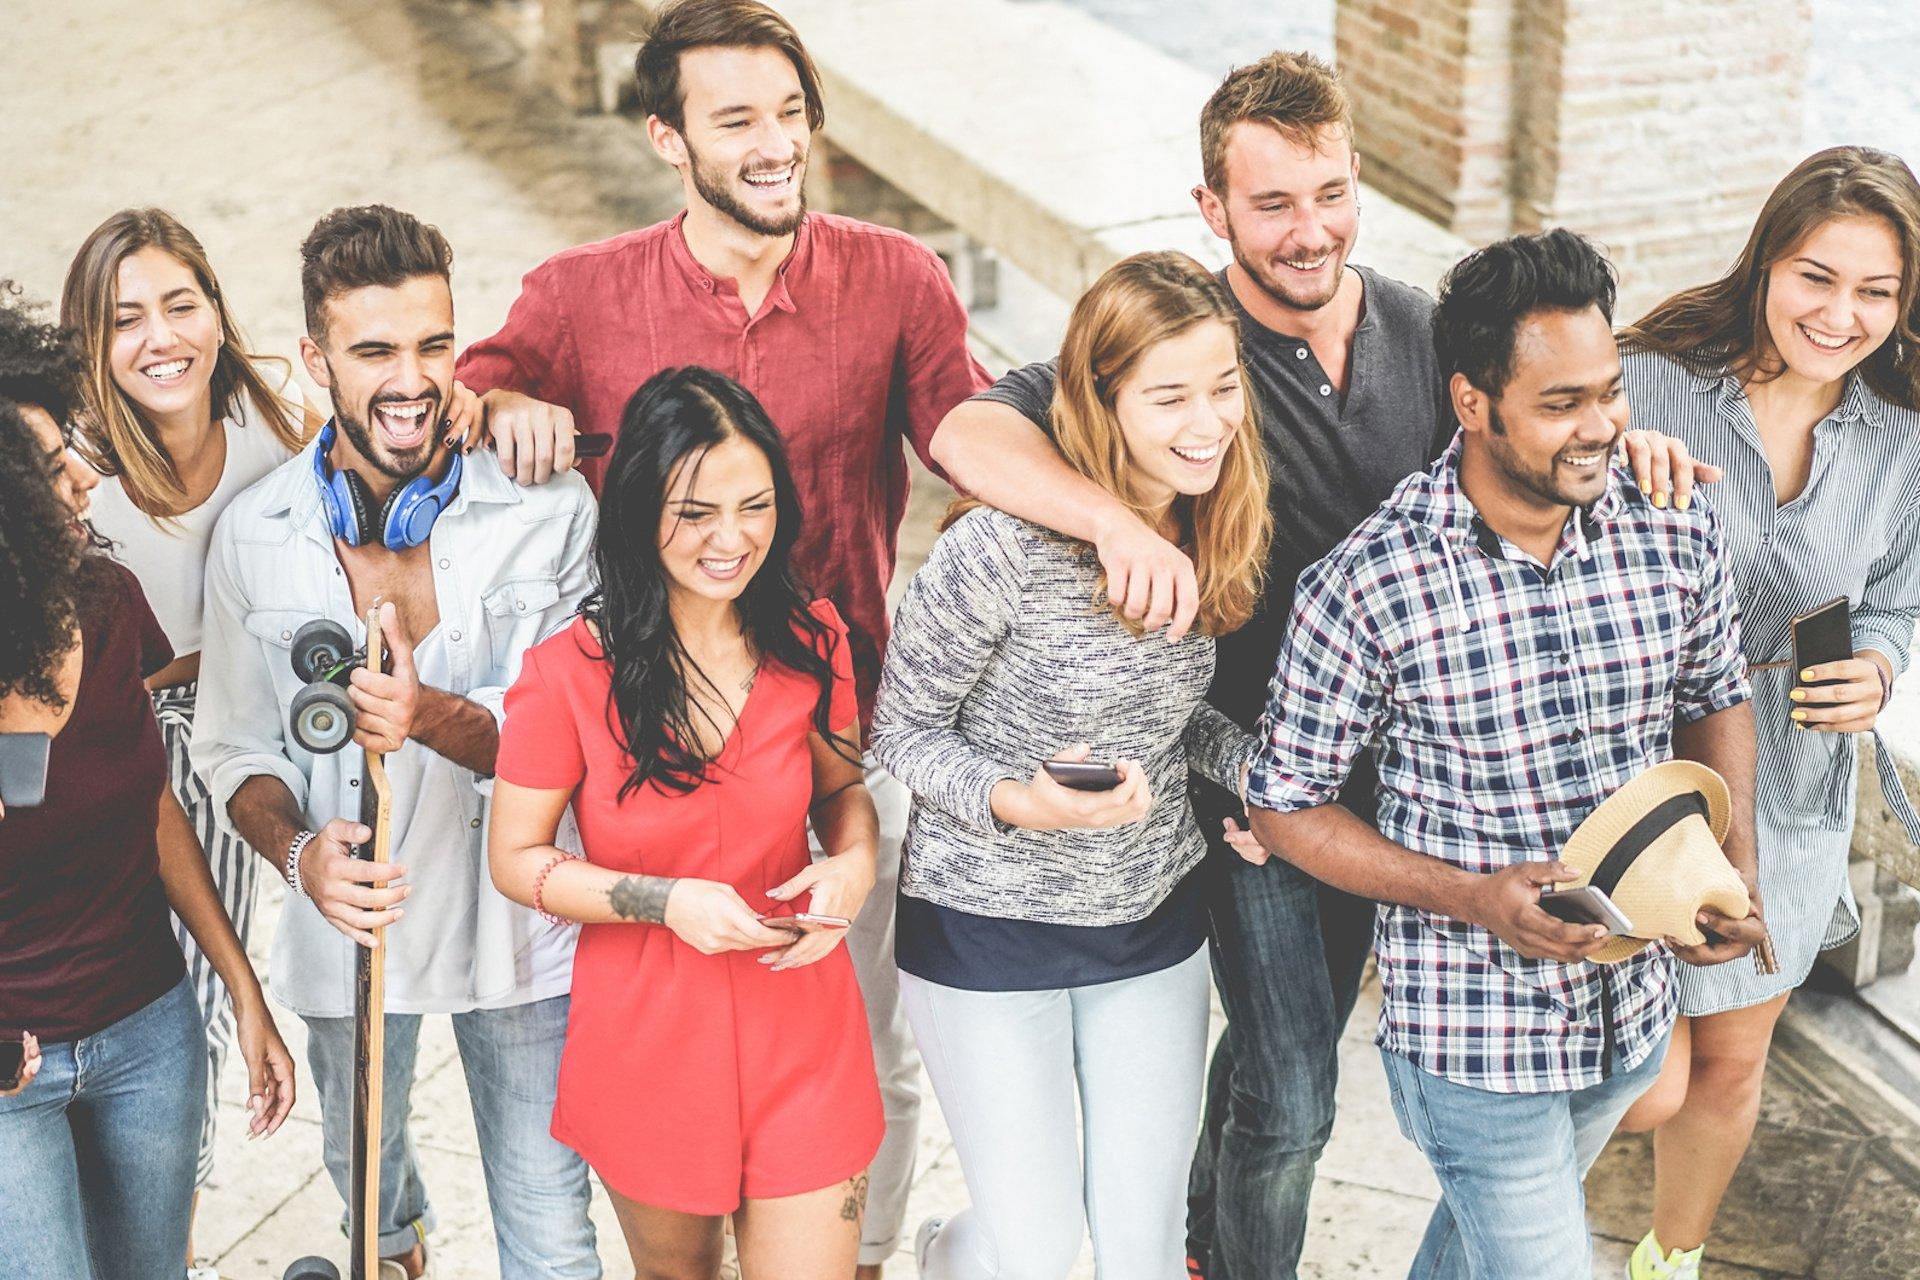 Glückliche junge Menschen voll im Trend 2019